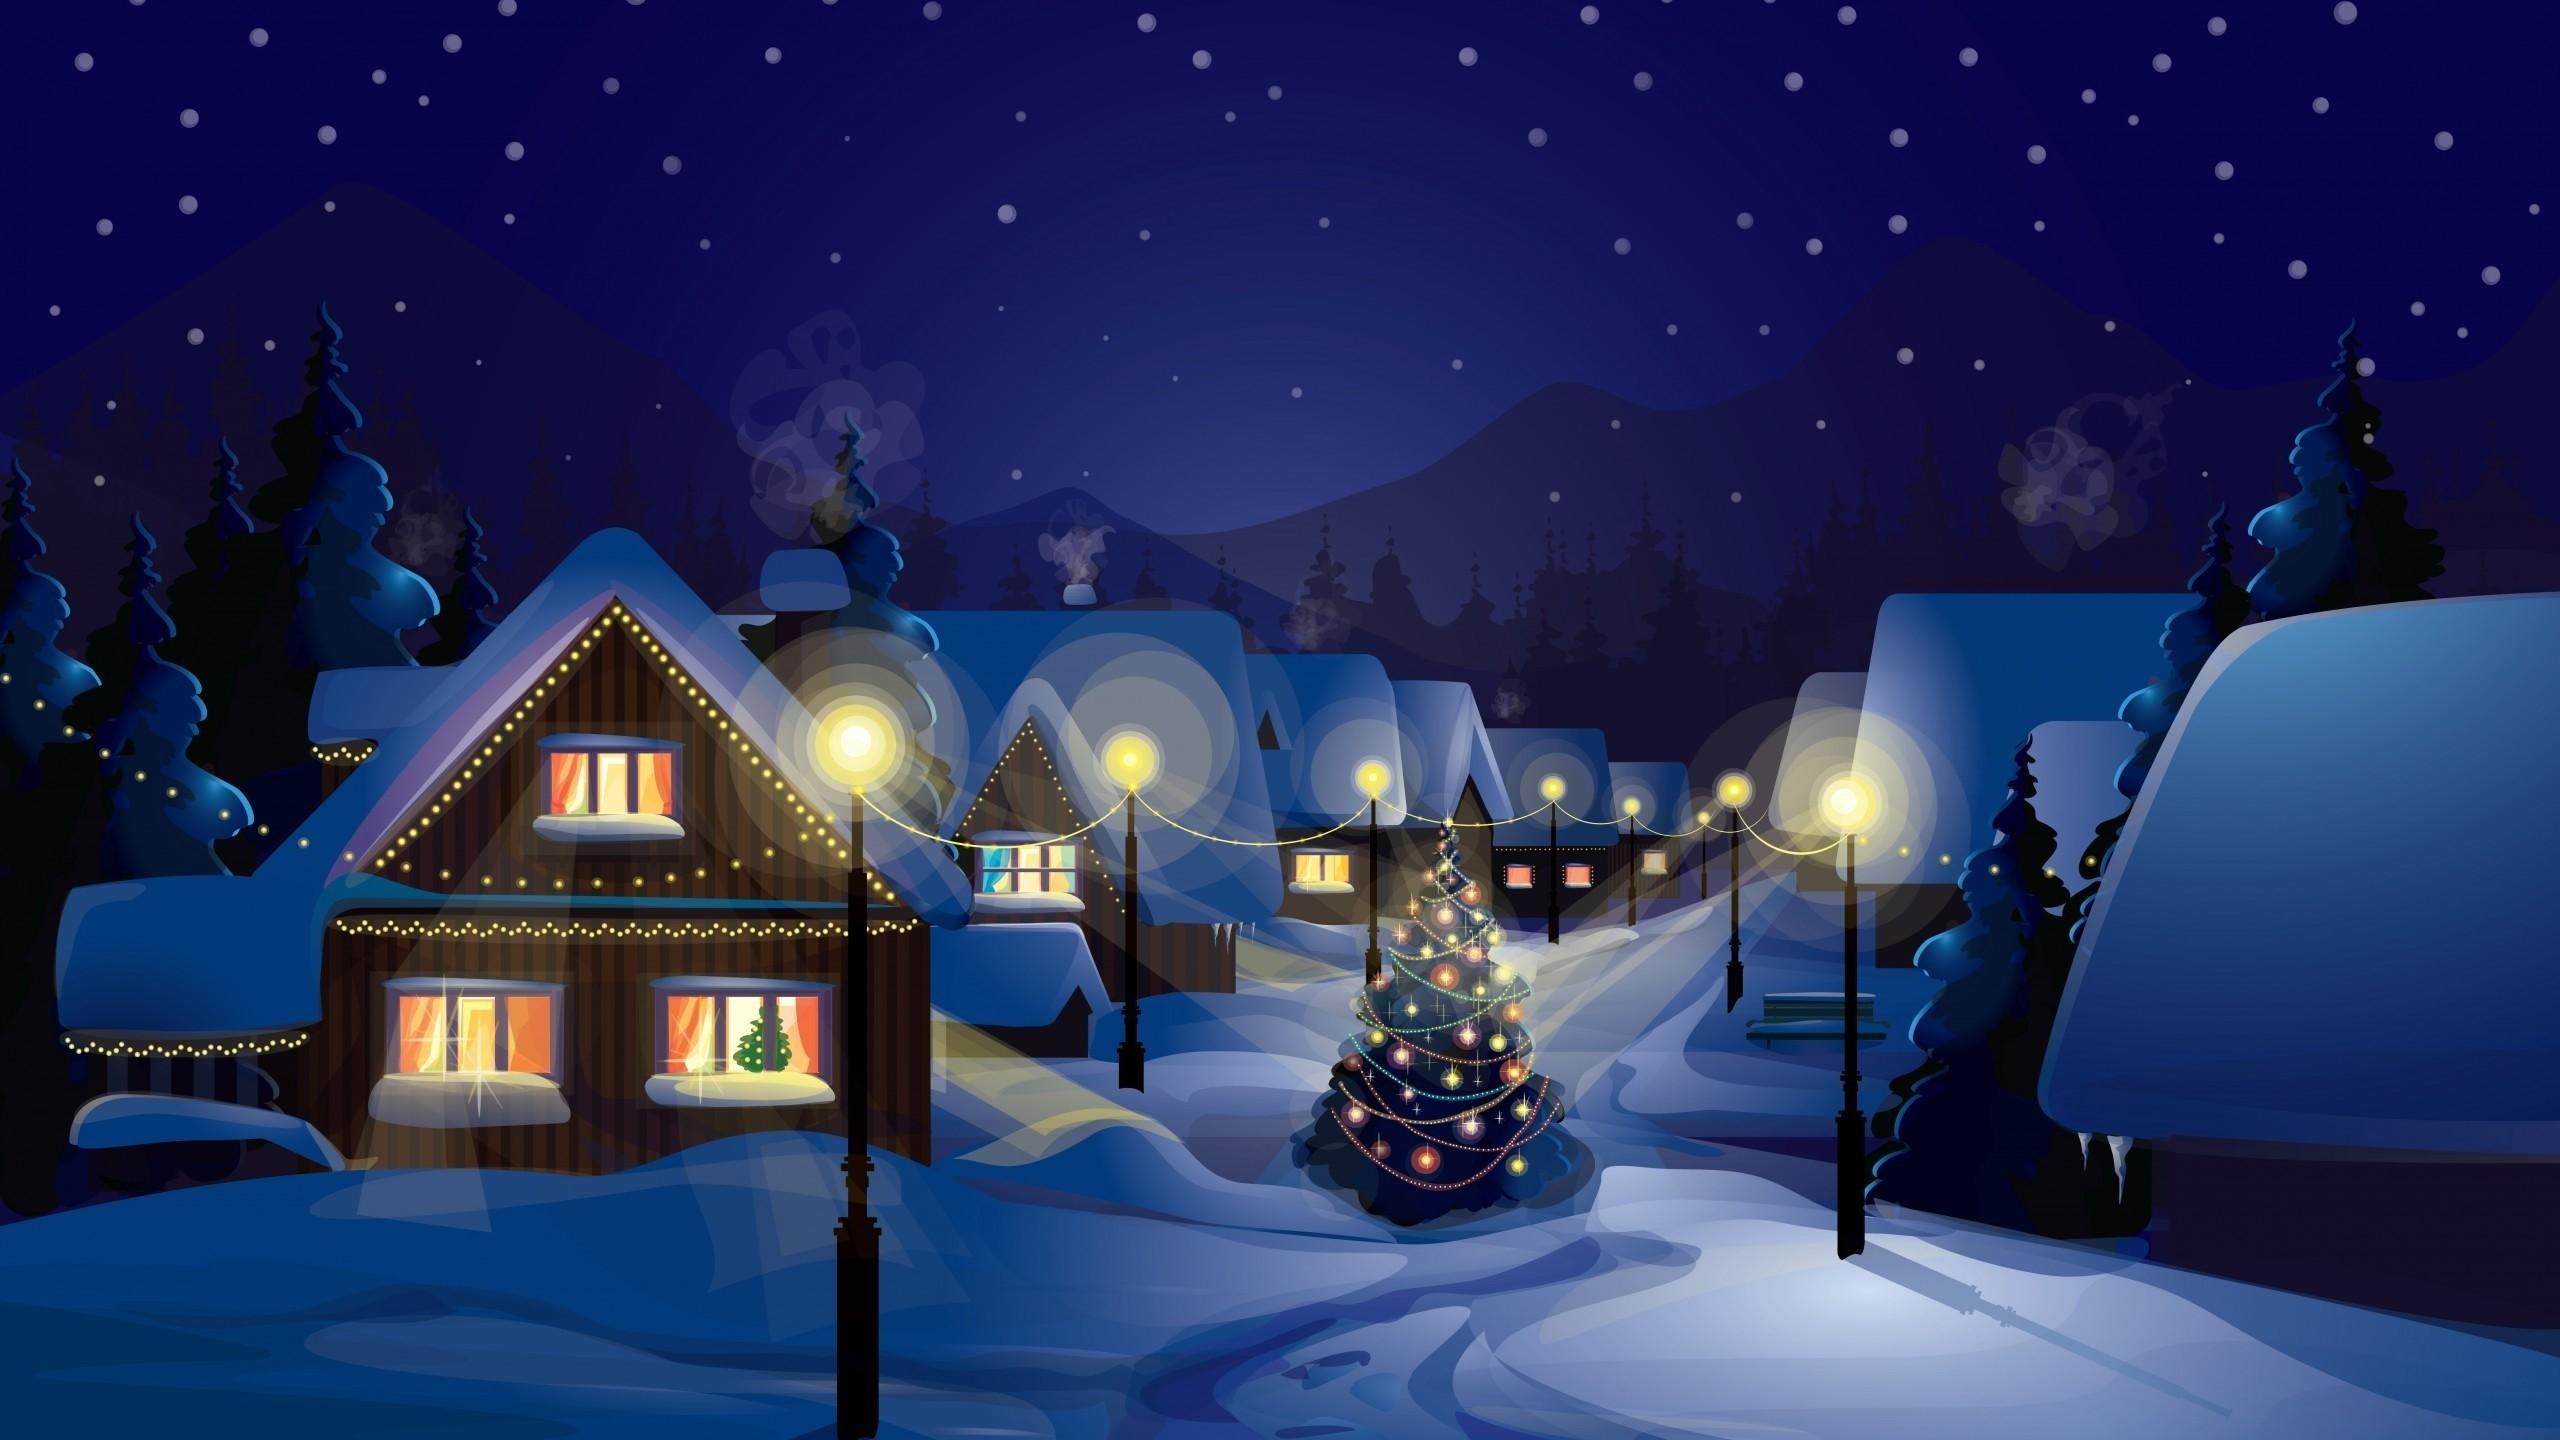 cb732dca81 ilustrácie sneh obec Vianočný stromček Vianoce vianočné svetlá screenshot  počítač tapeta vianočné dekorácie. 0 0. Zadarmo na stiahnutie Original